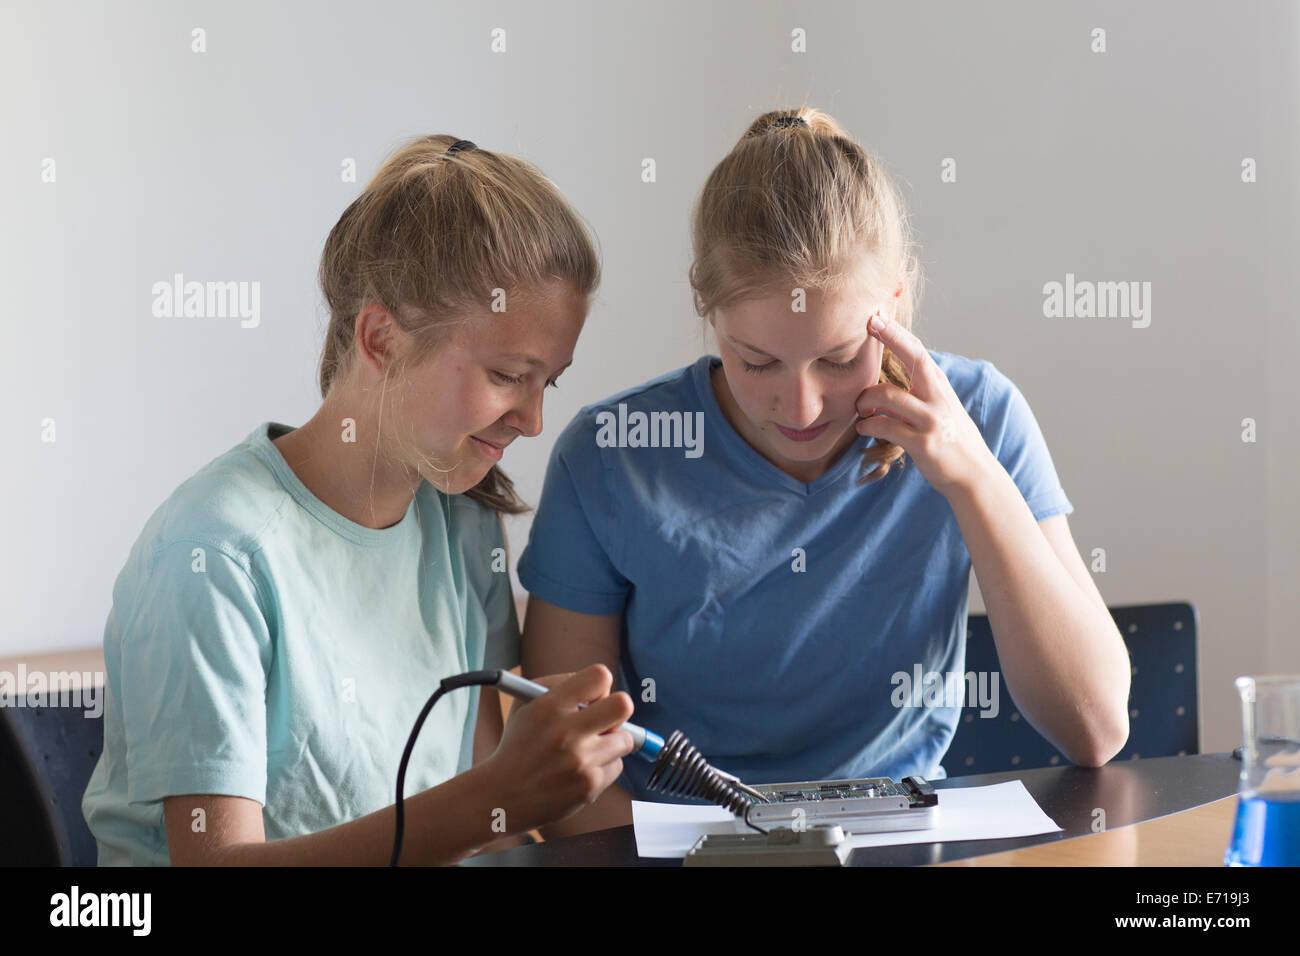 Zwei Mädchen im Teenageralter haben ein Elektronik-experiment Stockbild